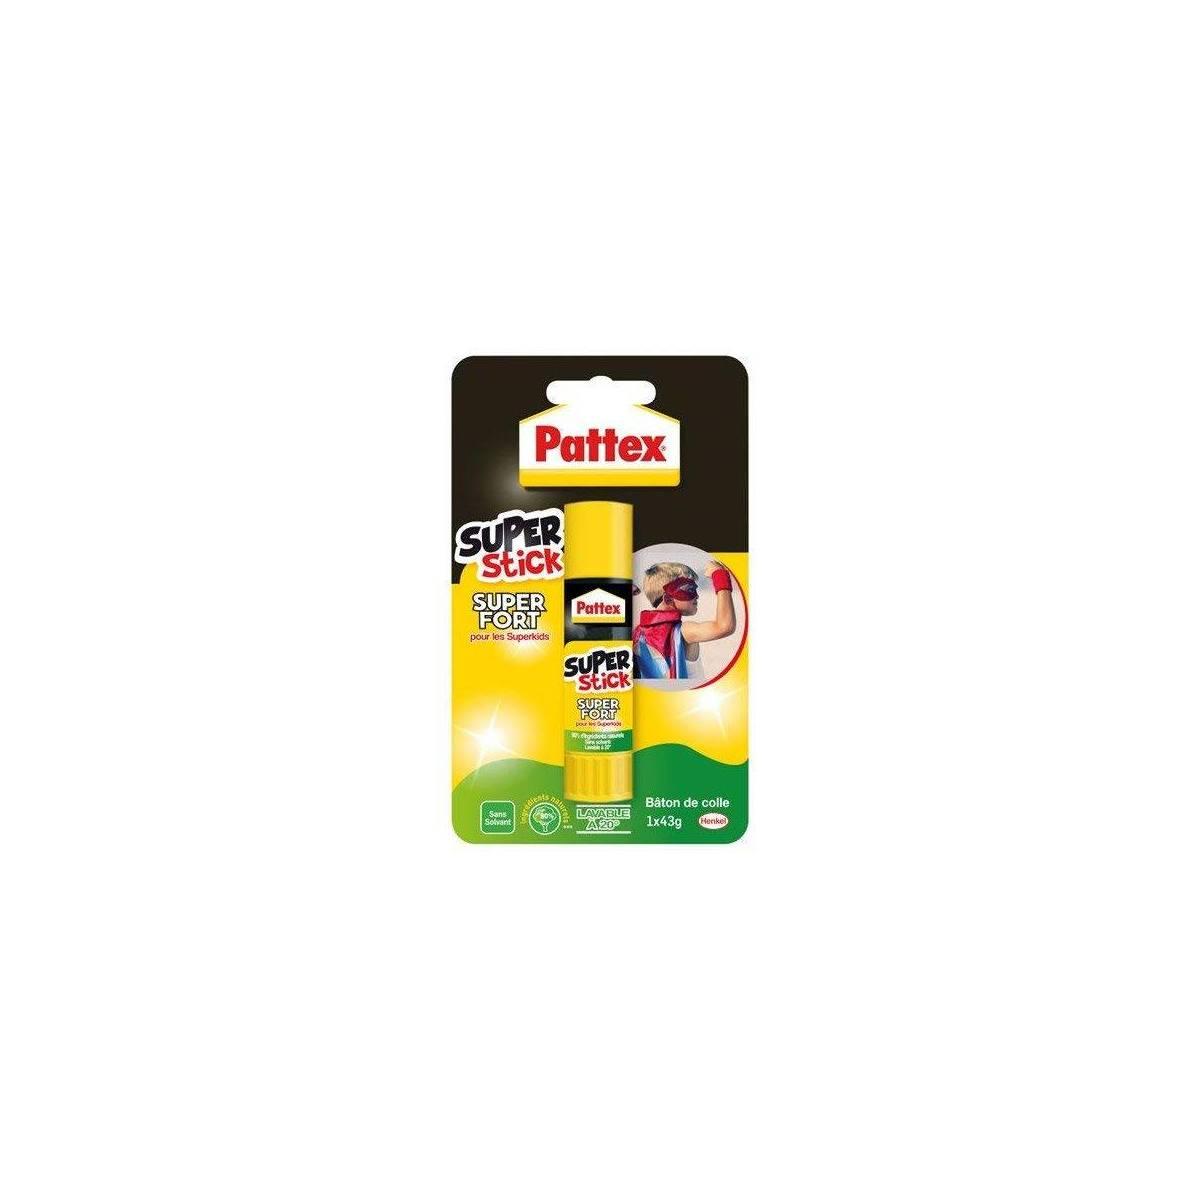 Pattex - Super Stick de Colle 43gr